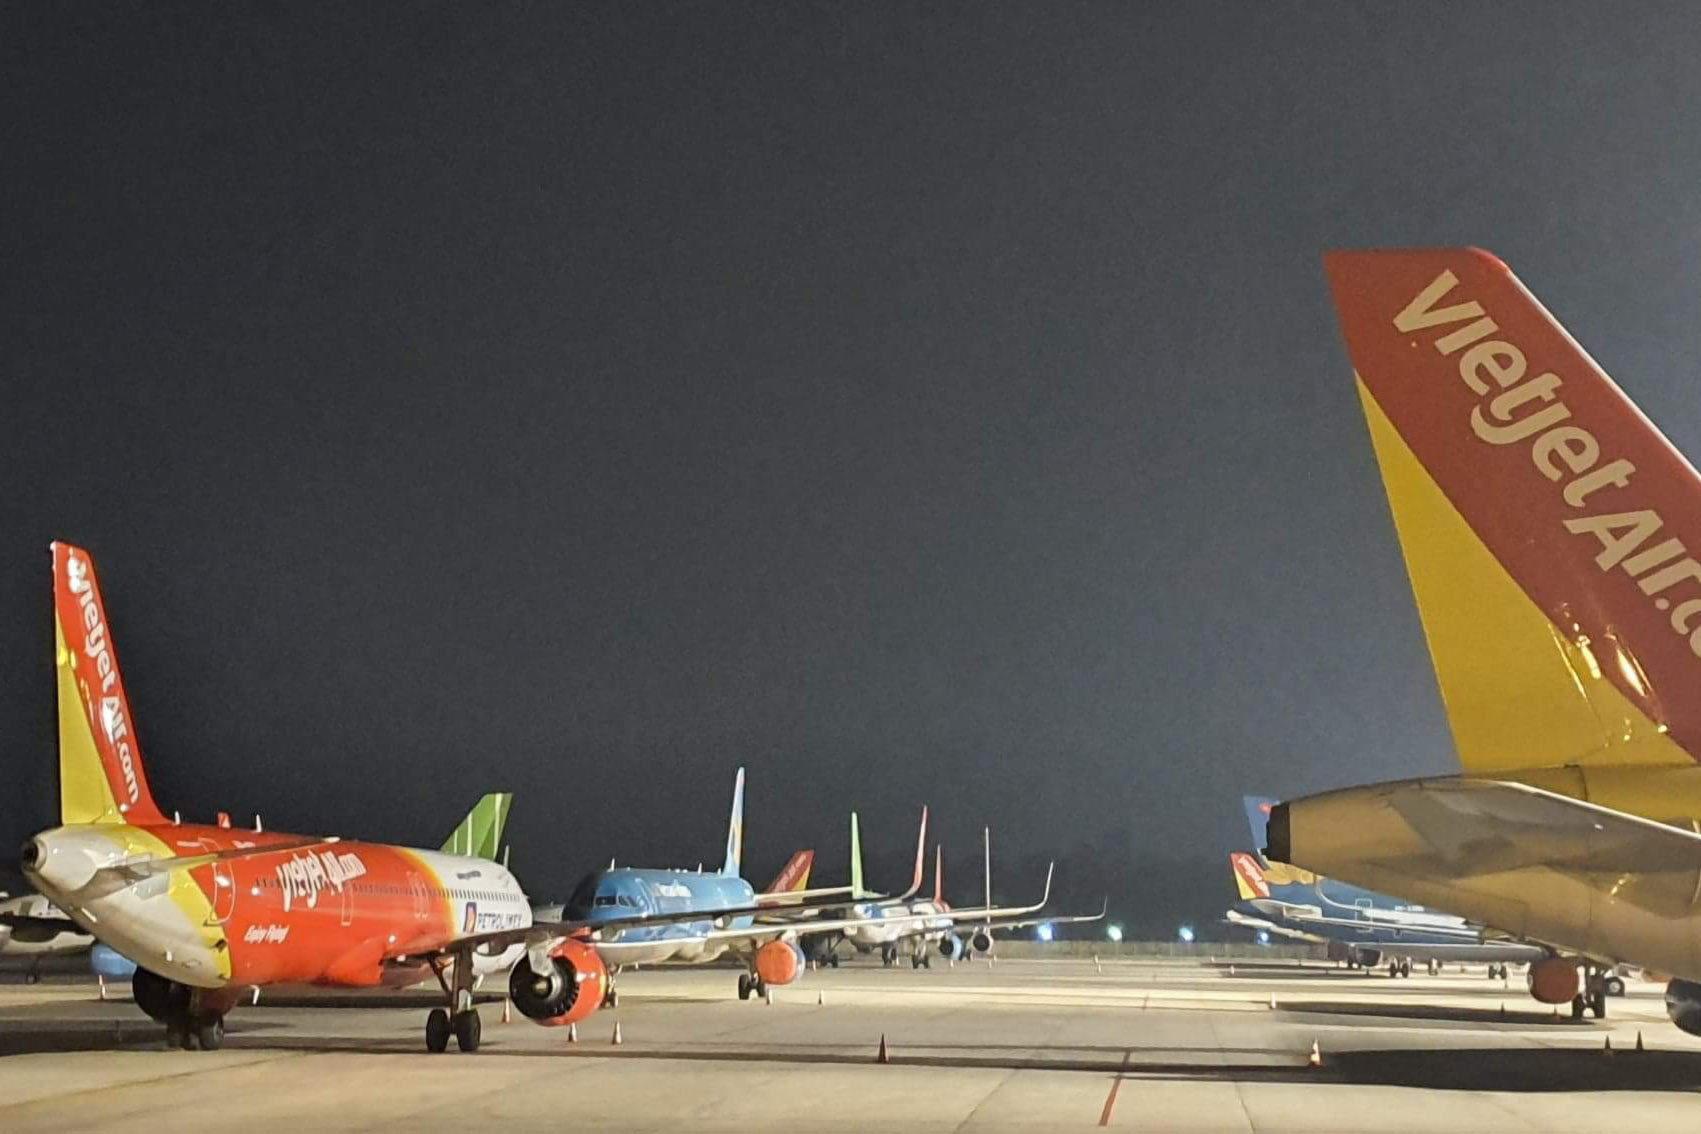 Cục Hàng không yêu cầu giảm tần suất máy bay nhỏ tại Tân Sơn Nhất